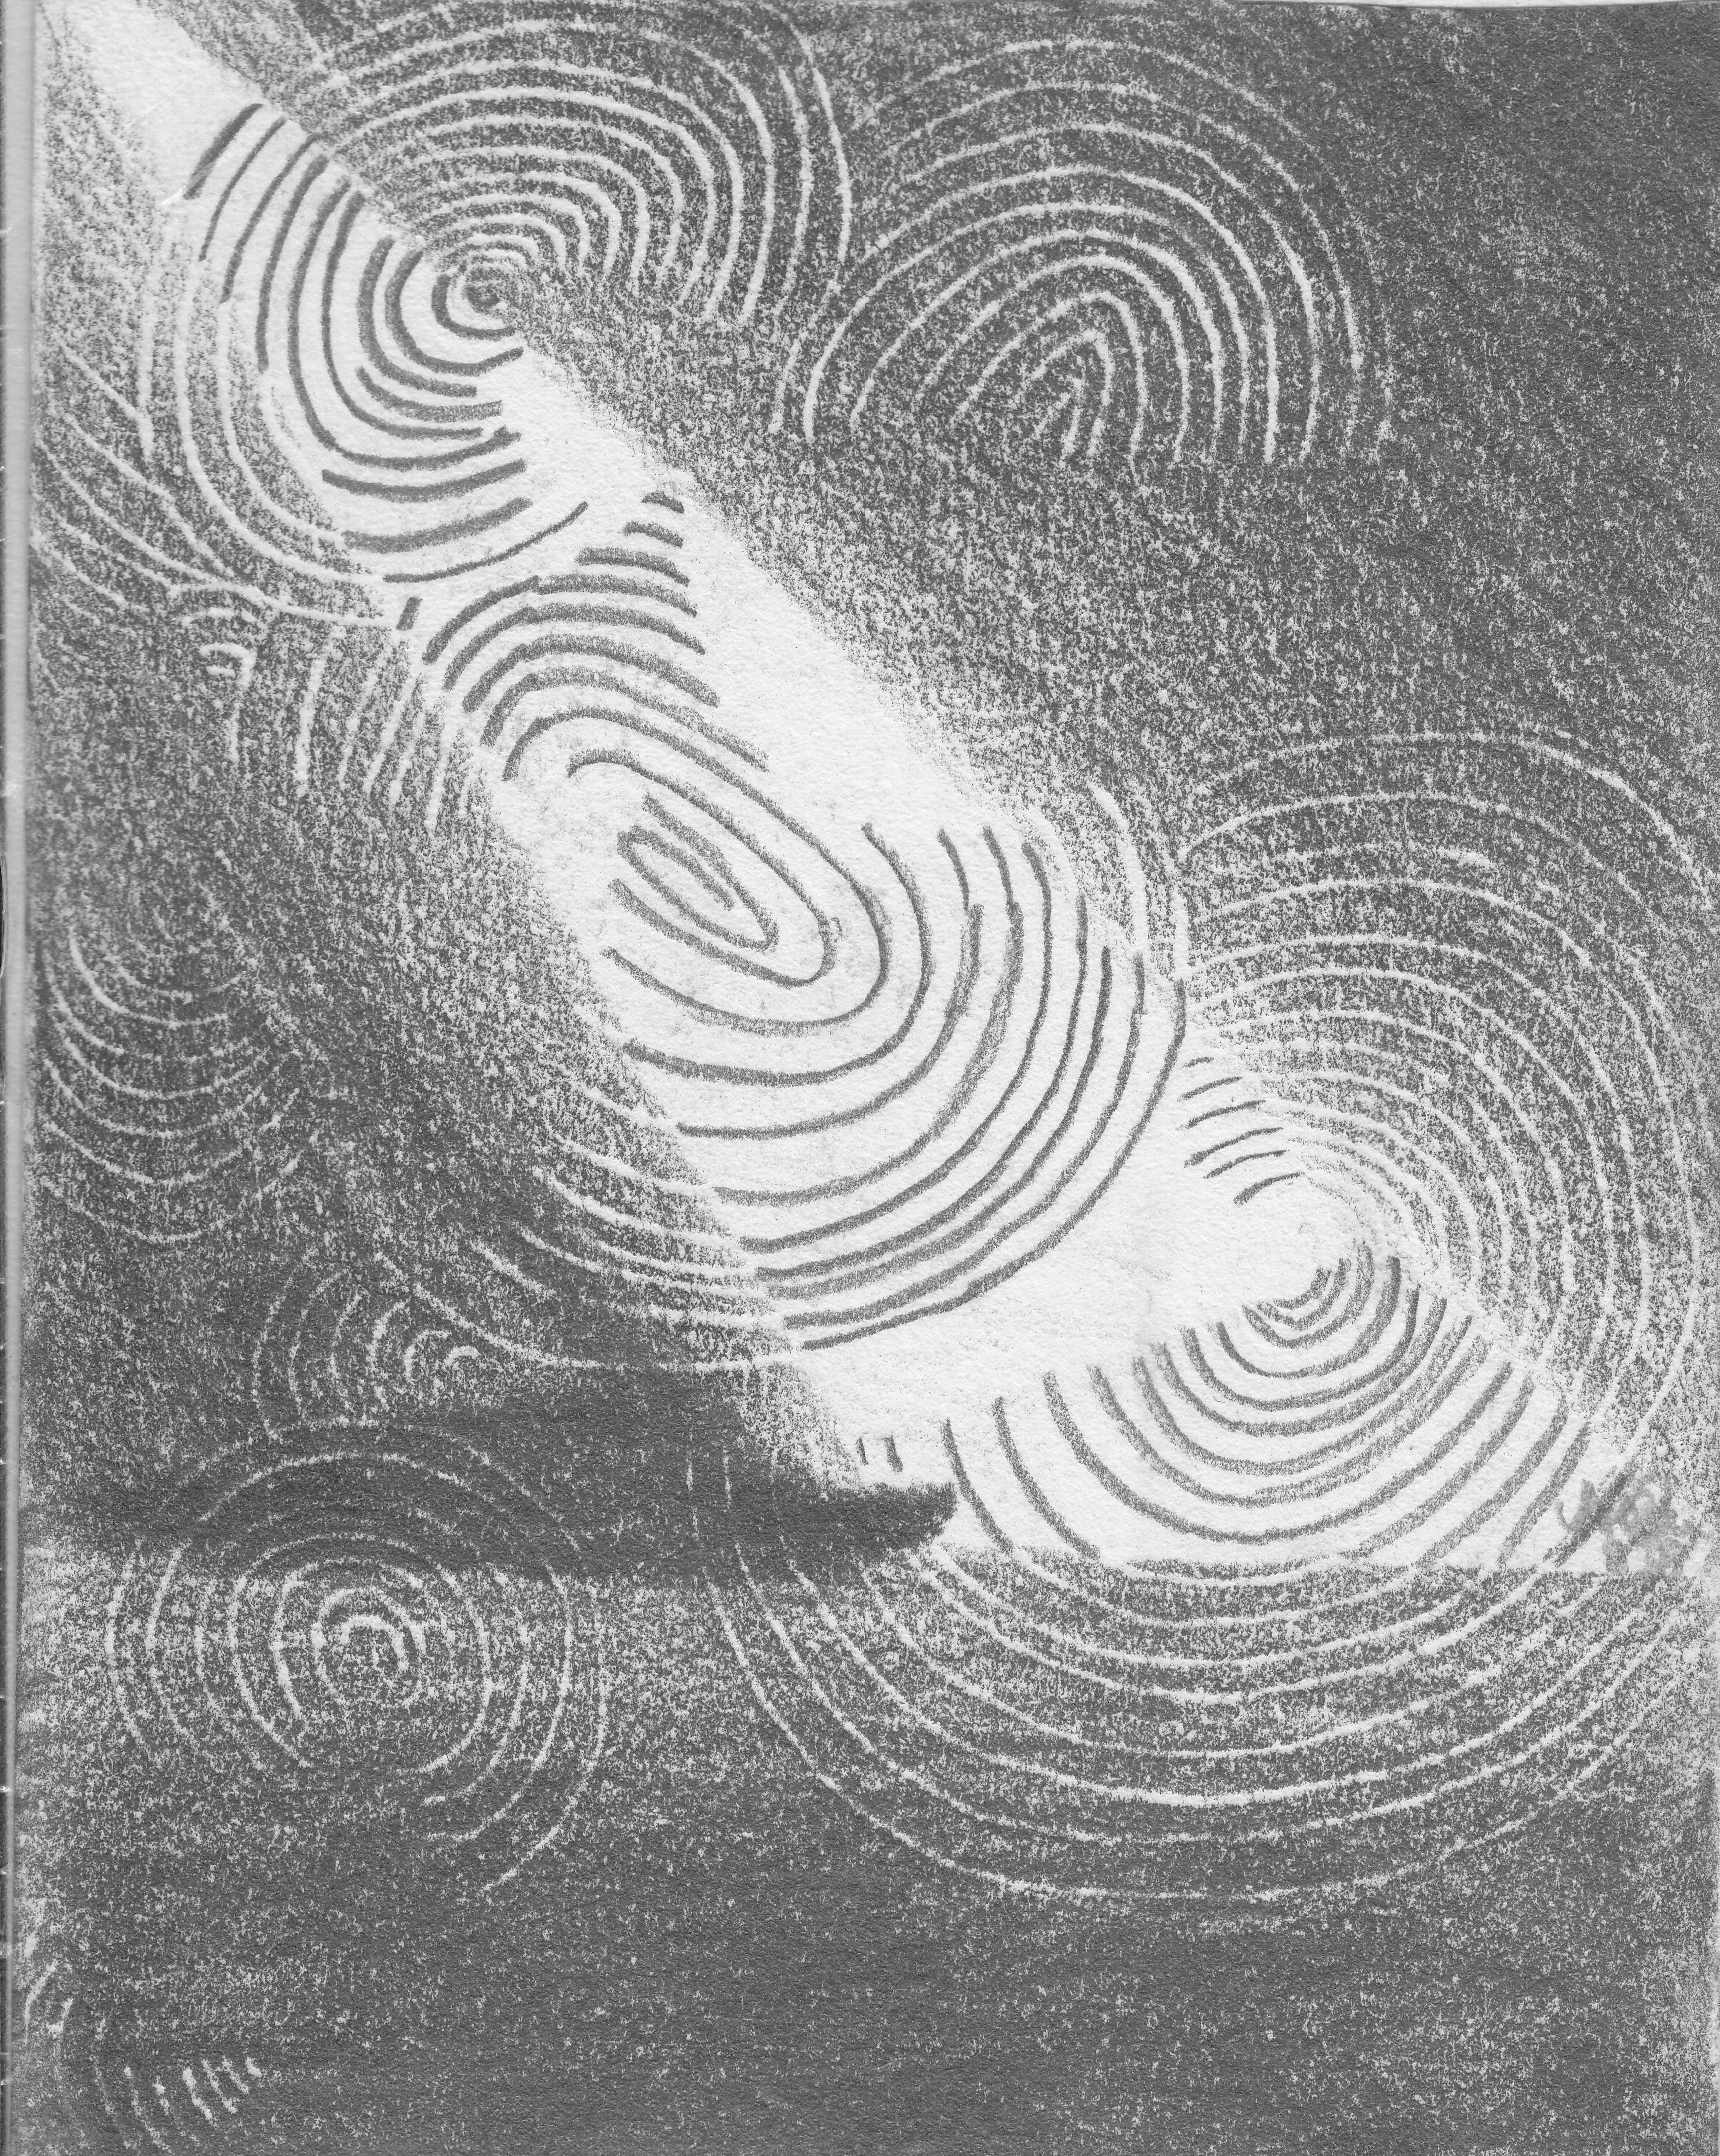 Echolot und Radar; 1988; Graphit; imachd.